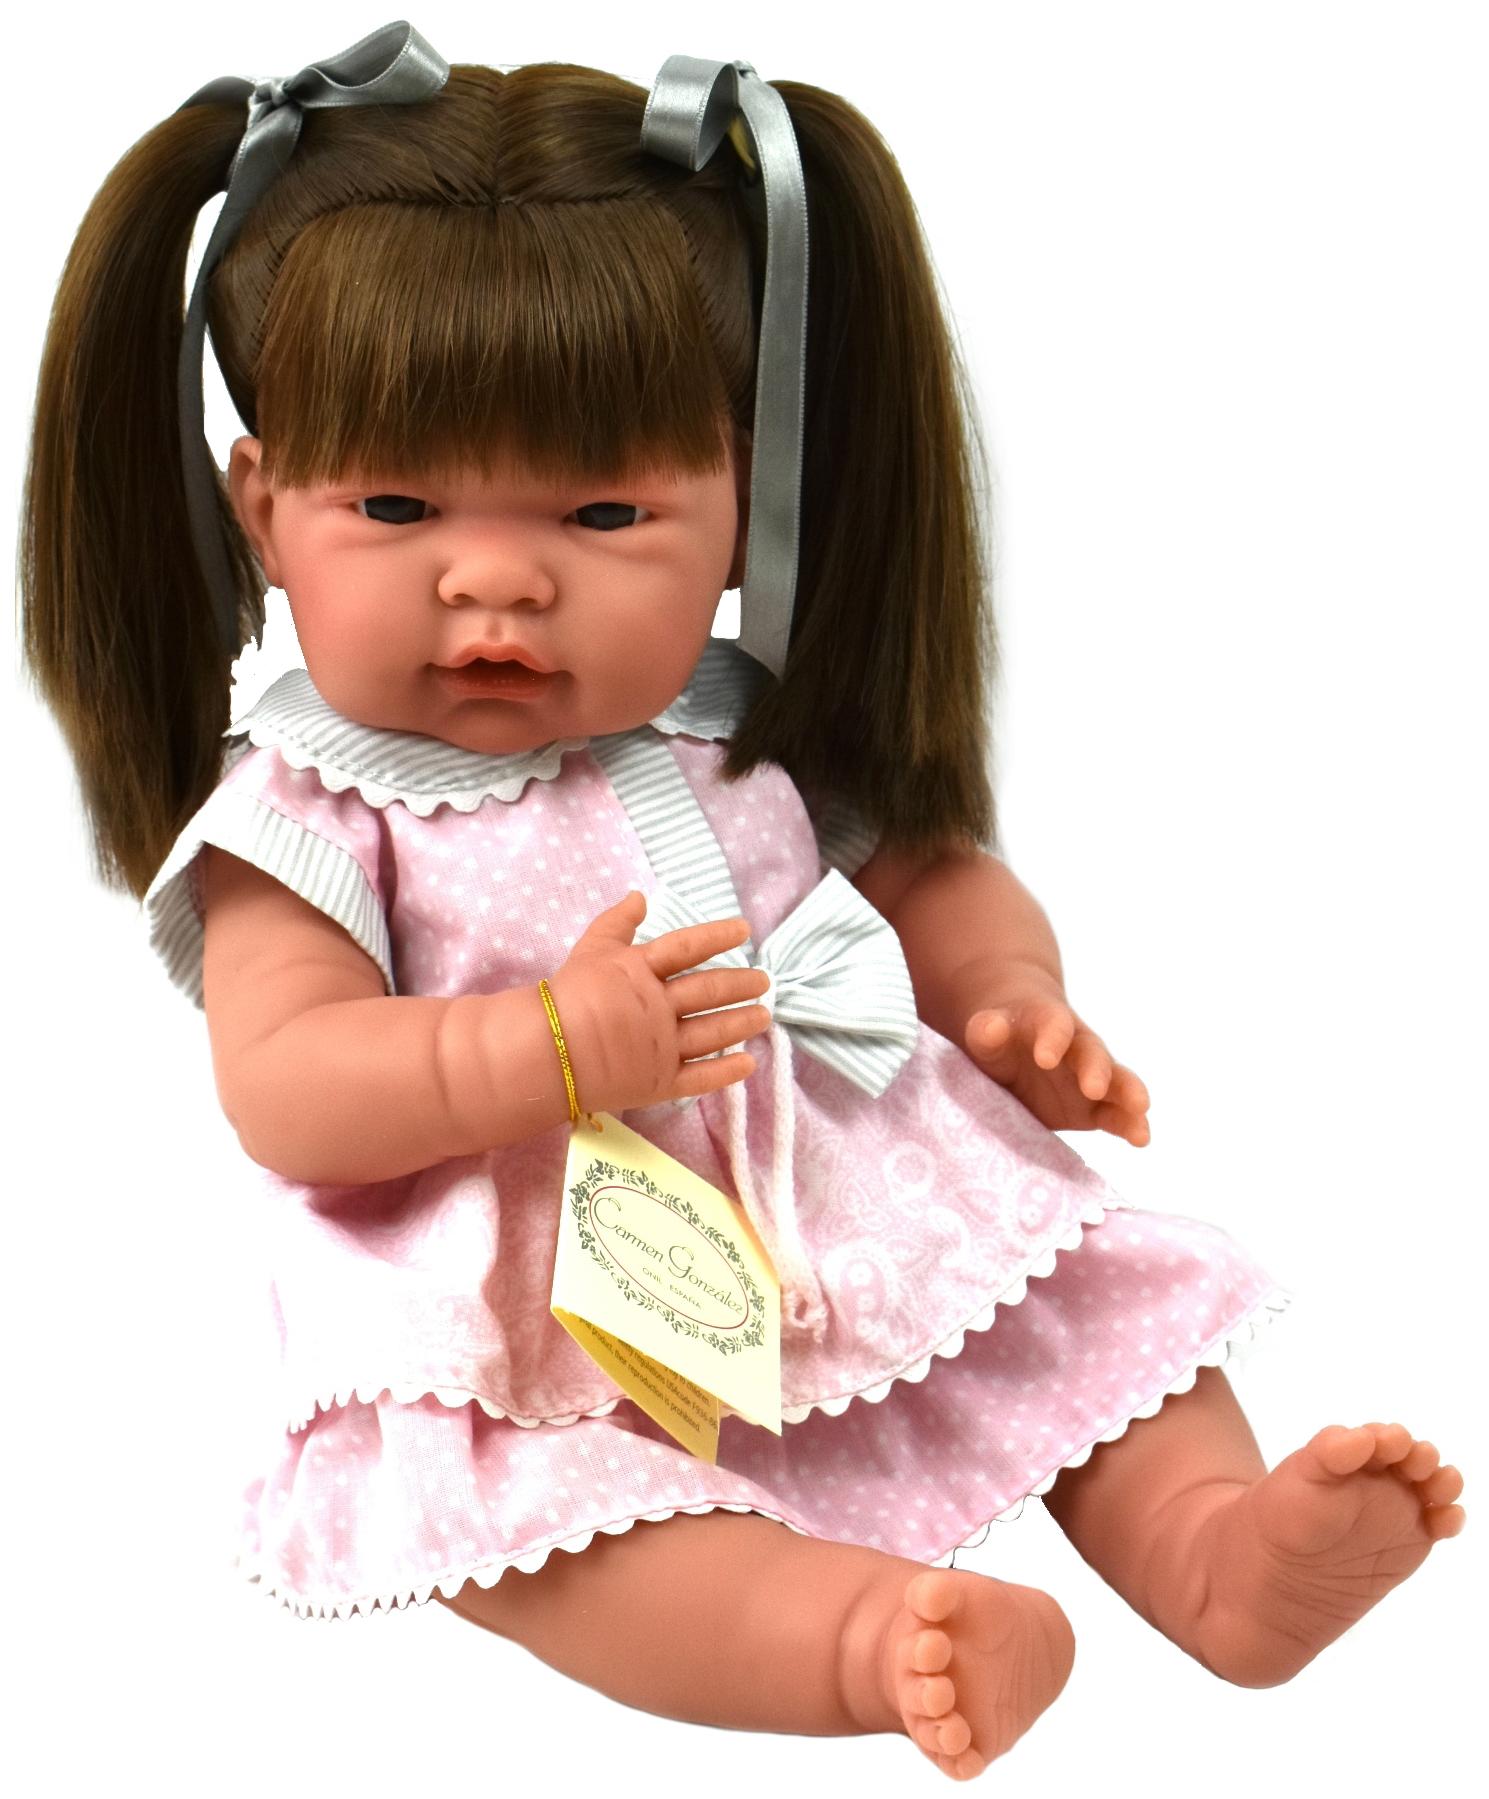 фото кукол из испании проживание приэльбрусье